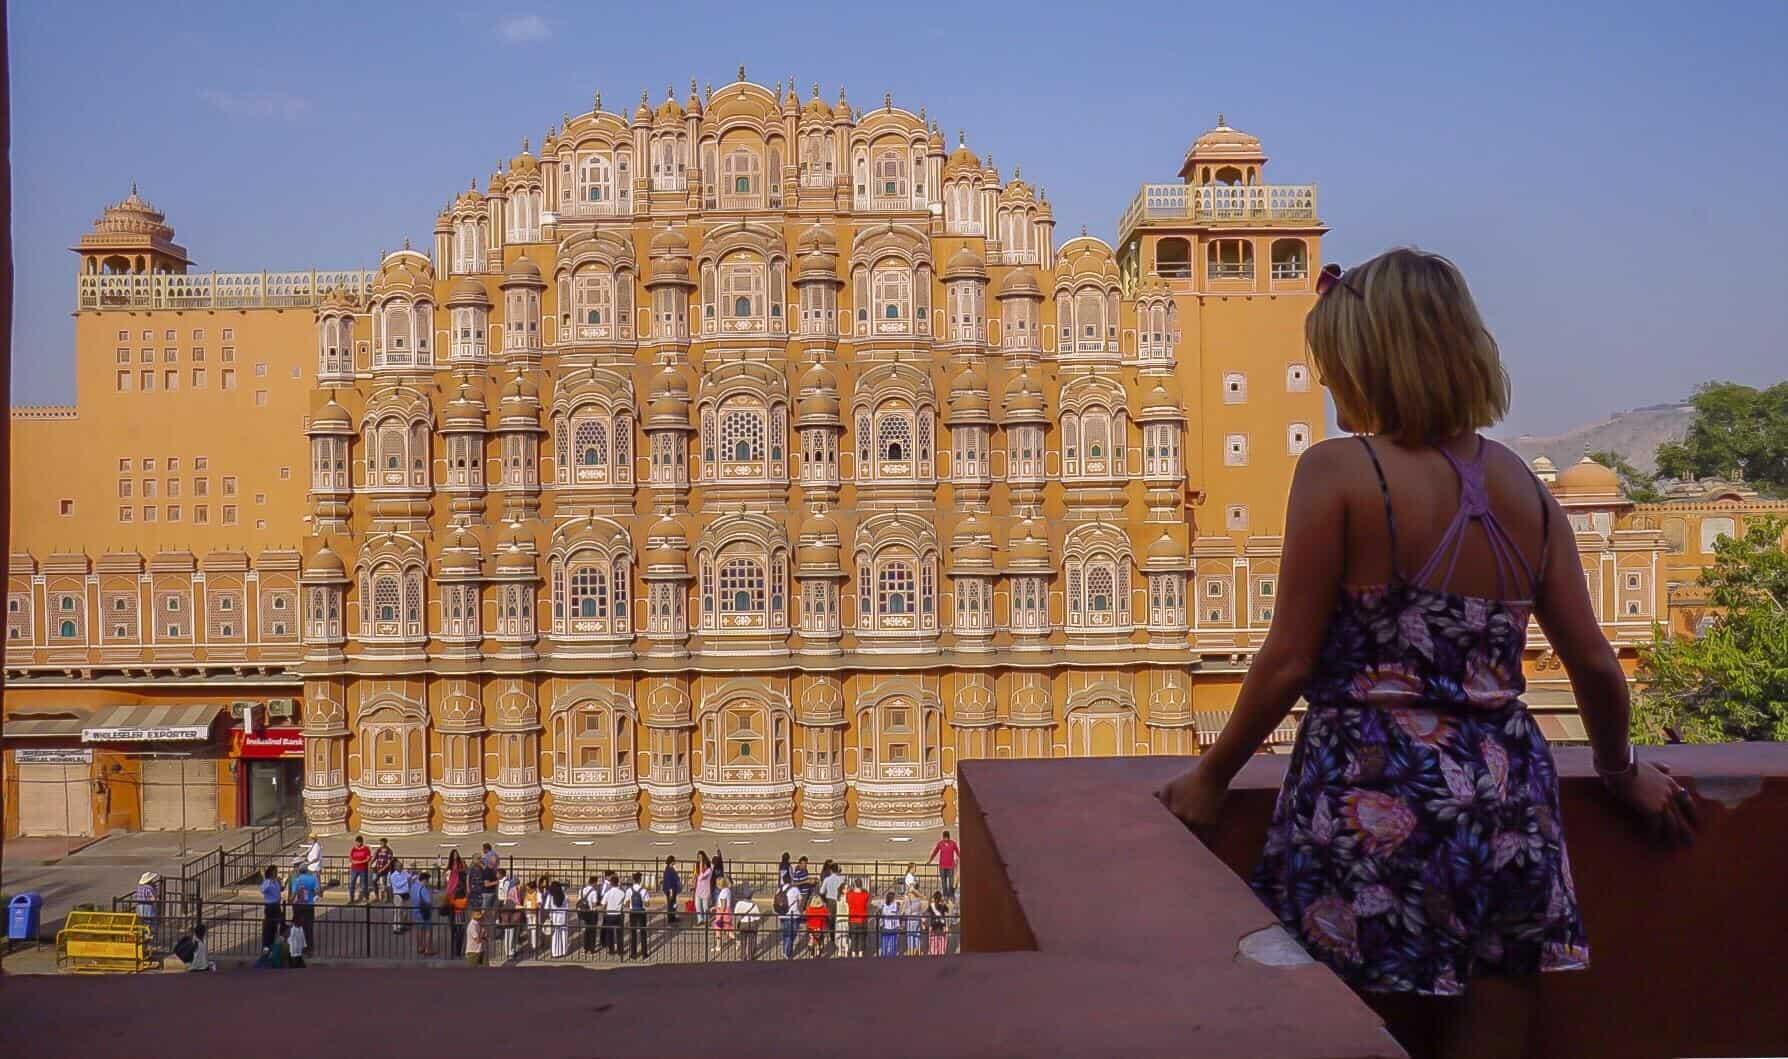 architecture in jaipur, india